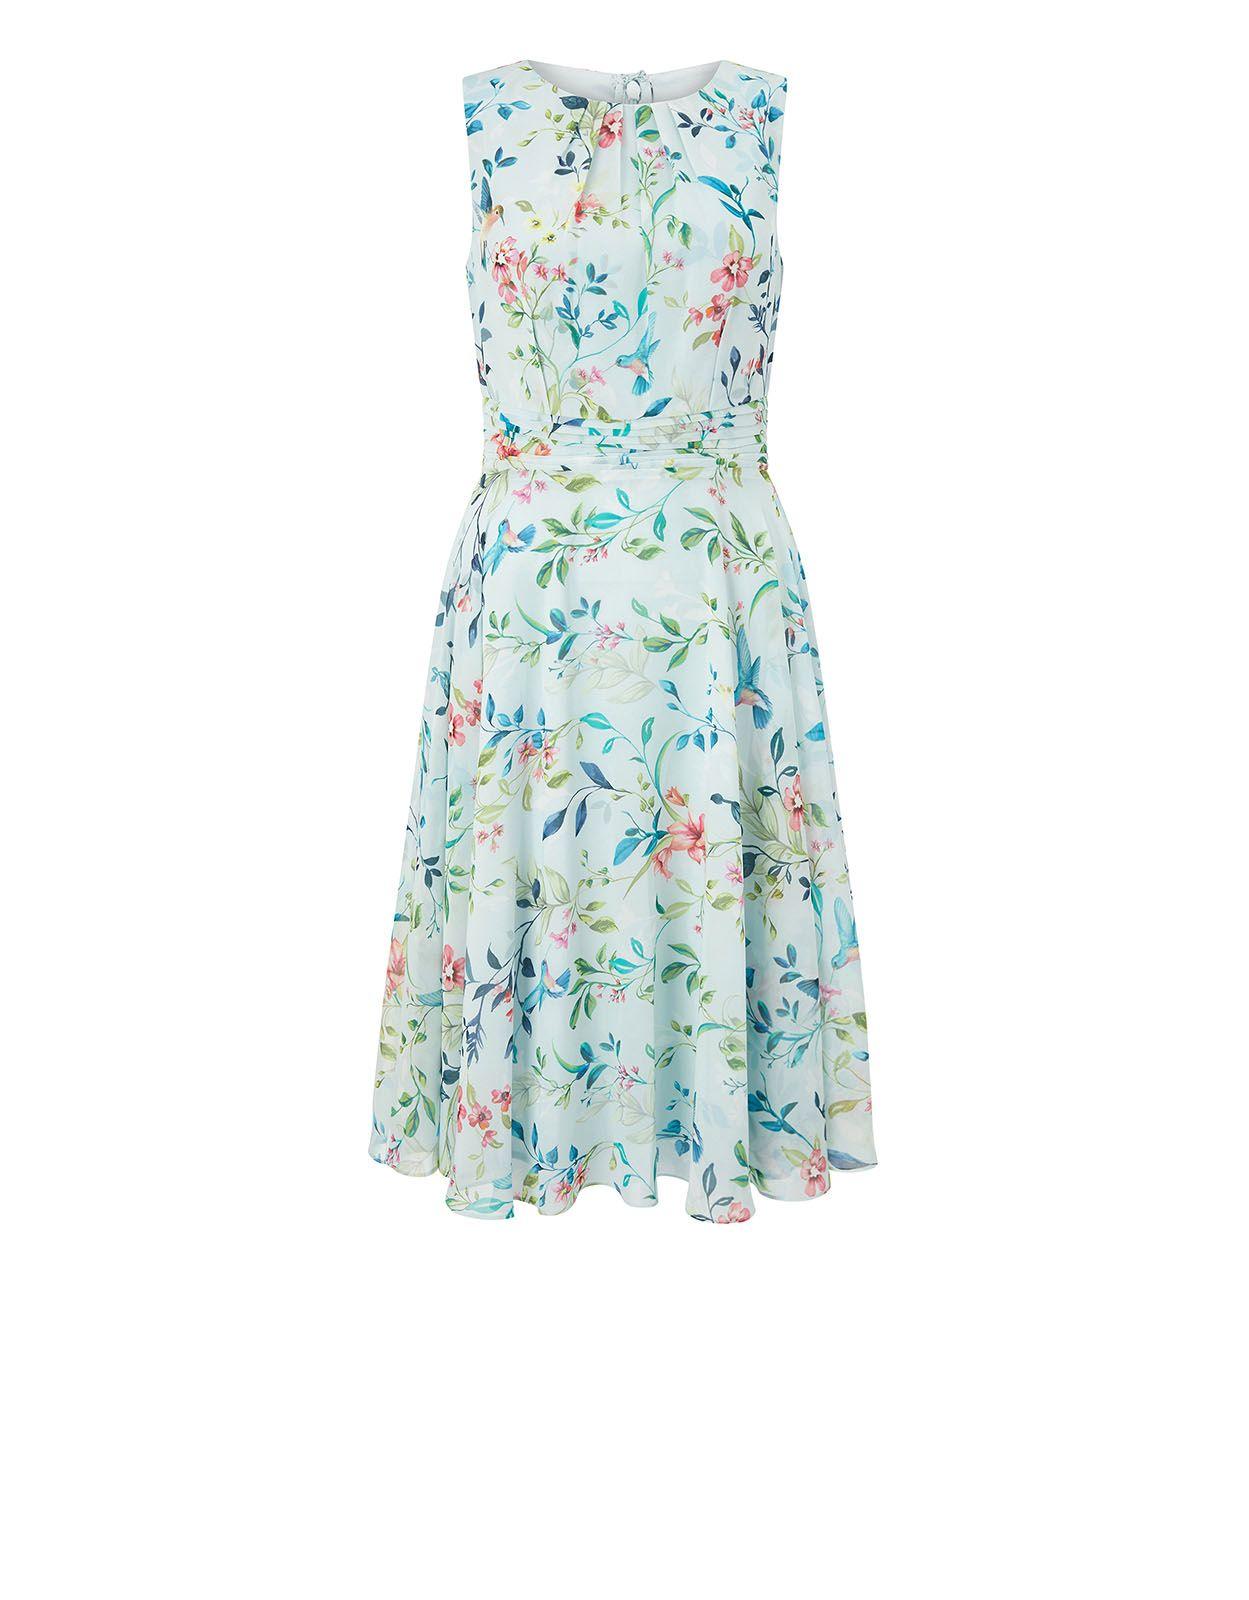 Monsoon :: Grace dress | dresses etc | Pinterest | Monsoon, Ranges ...